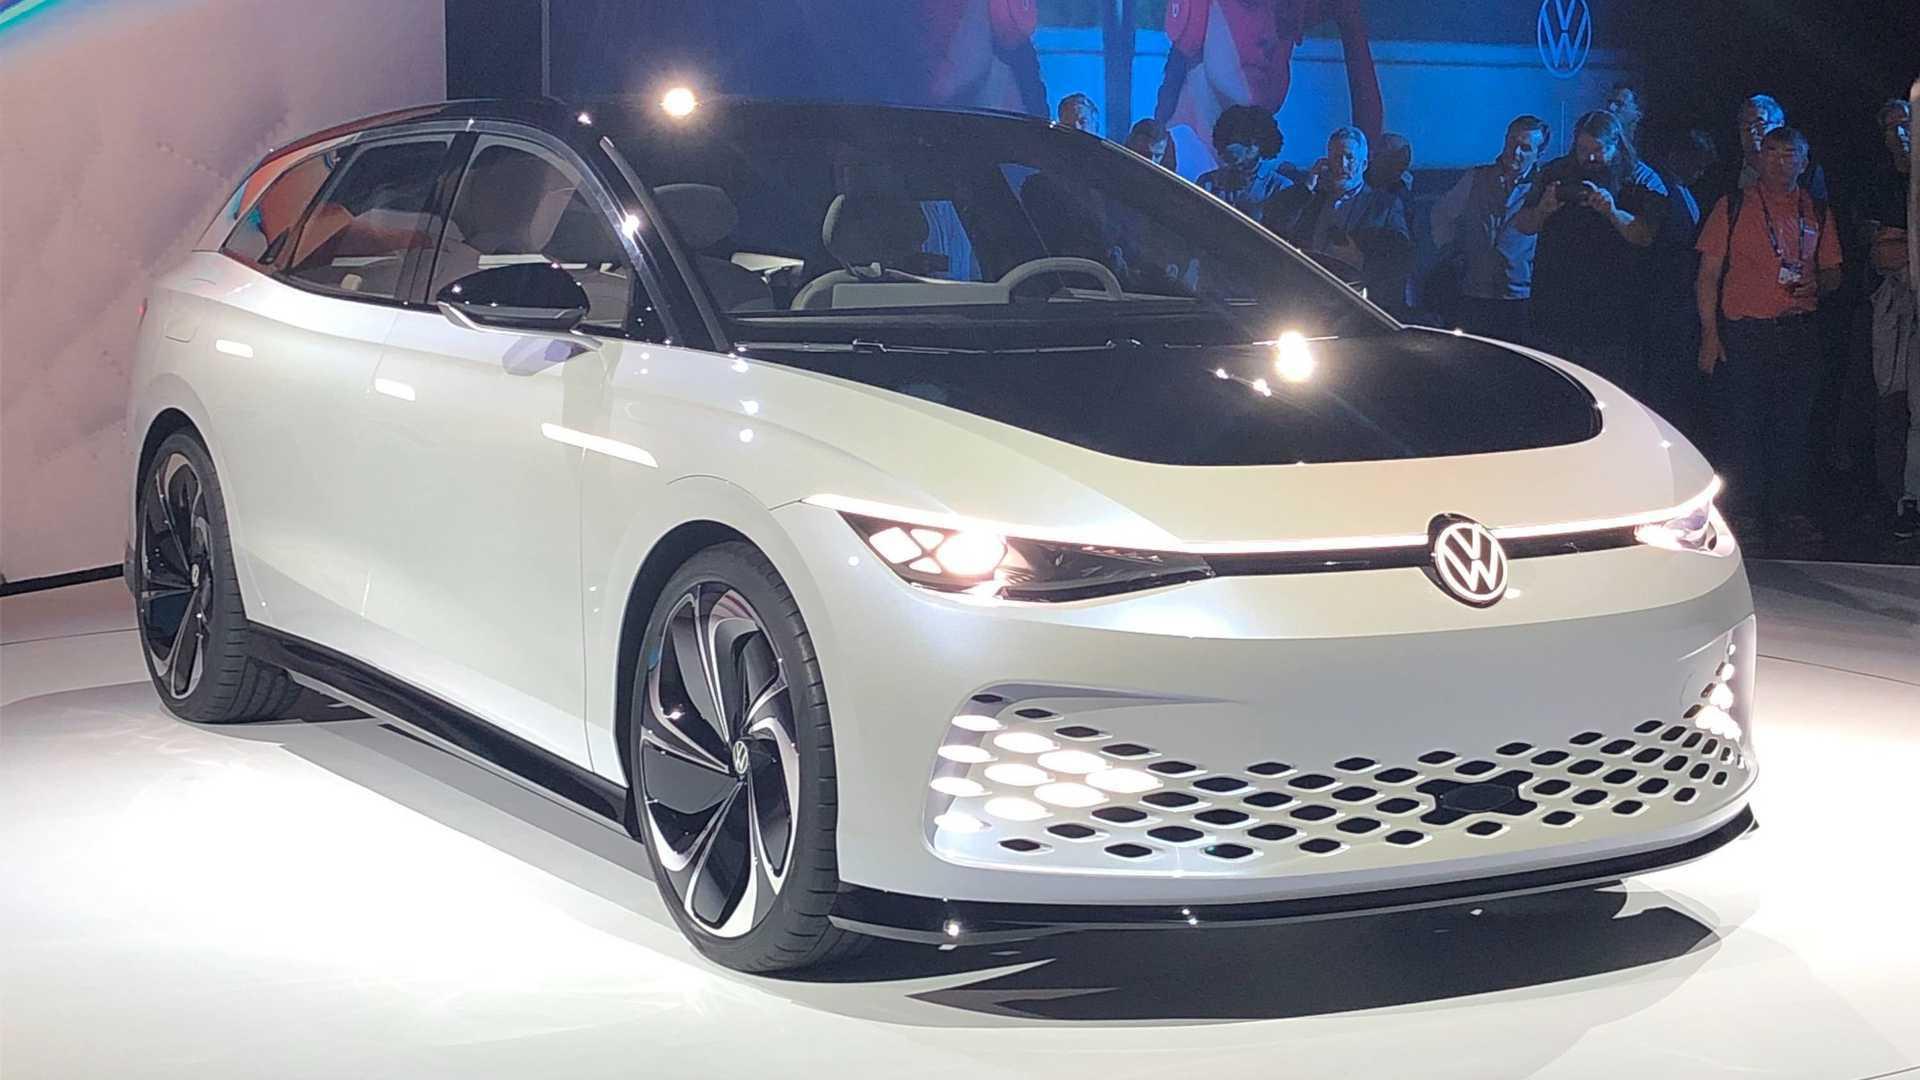 VW ID. Space Vizzion antecipa perua elétrica com 560 km de autonomia